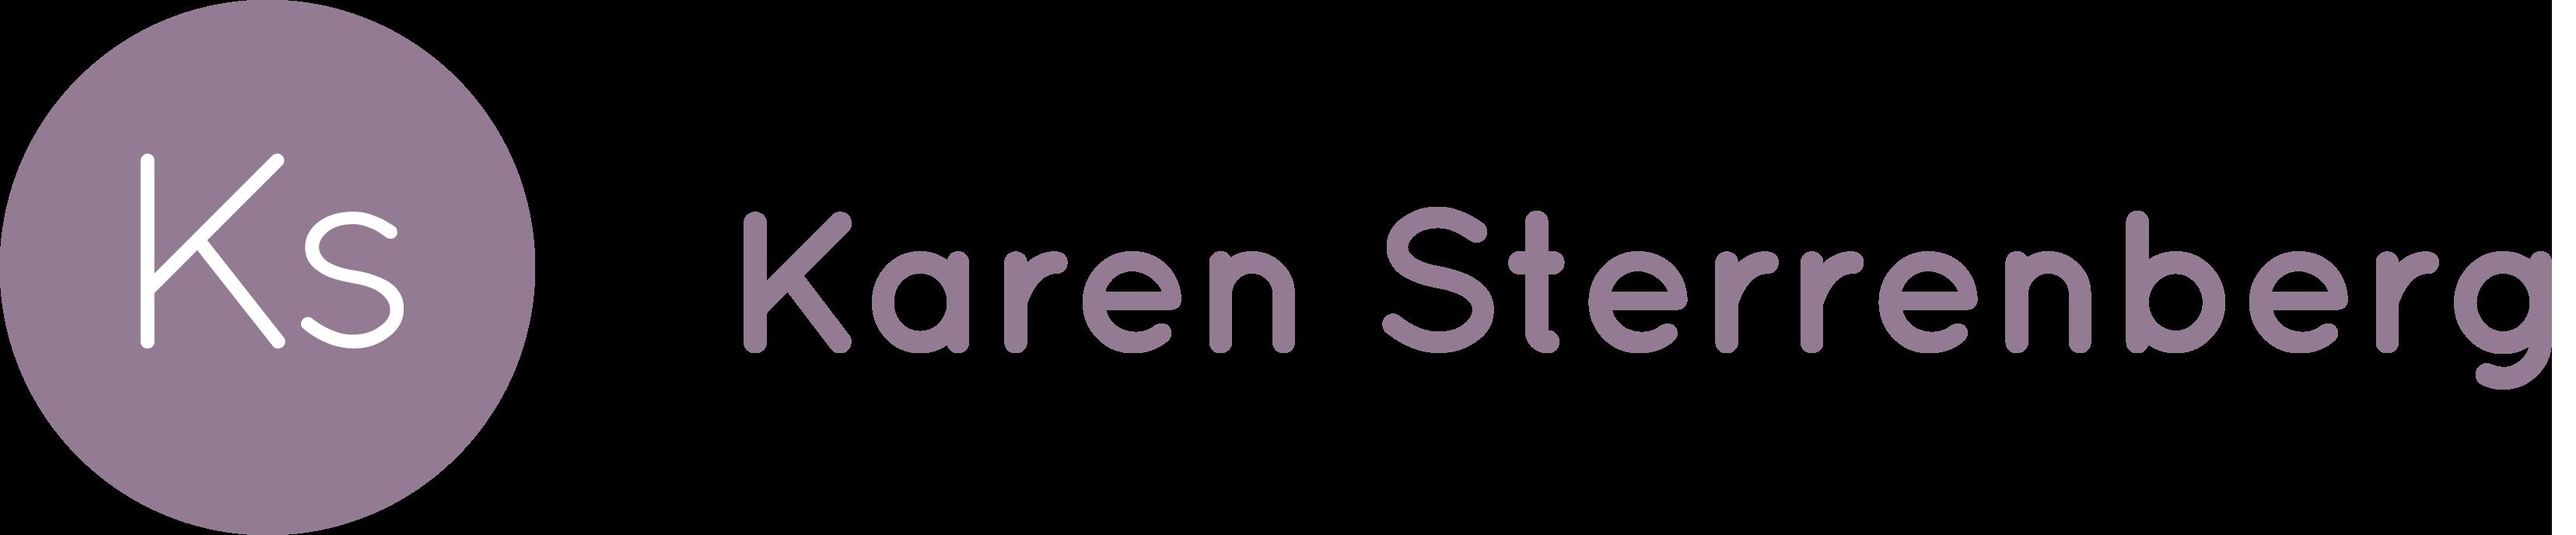 Karen Sterrenberg